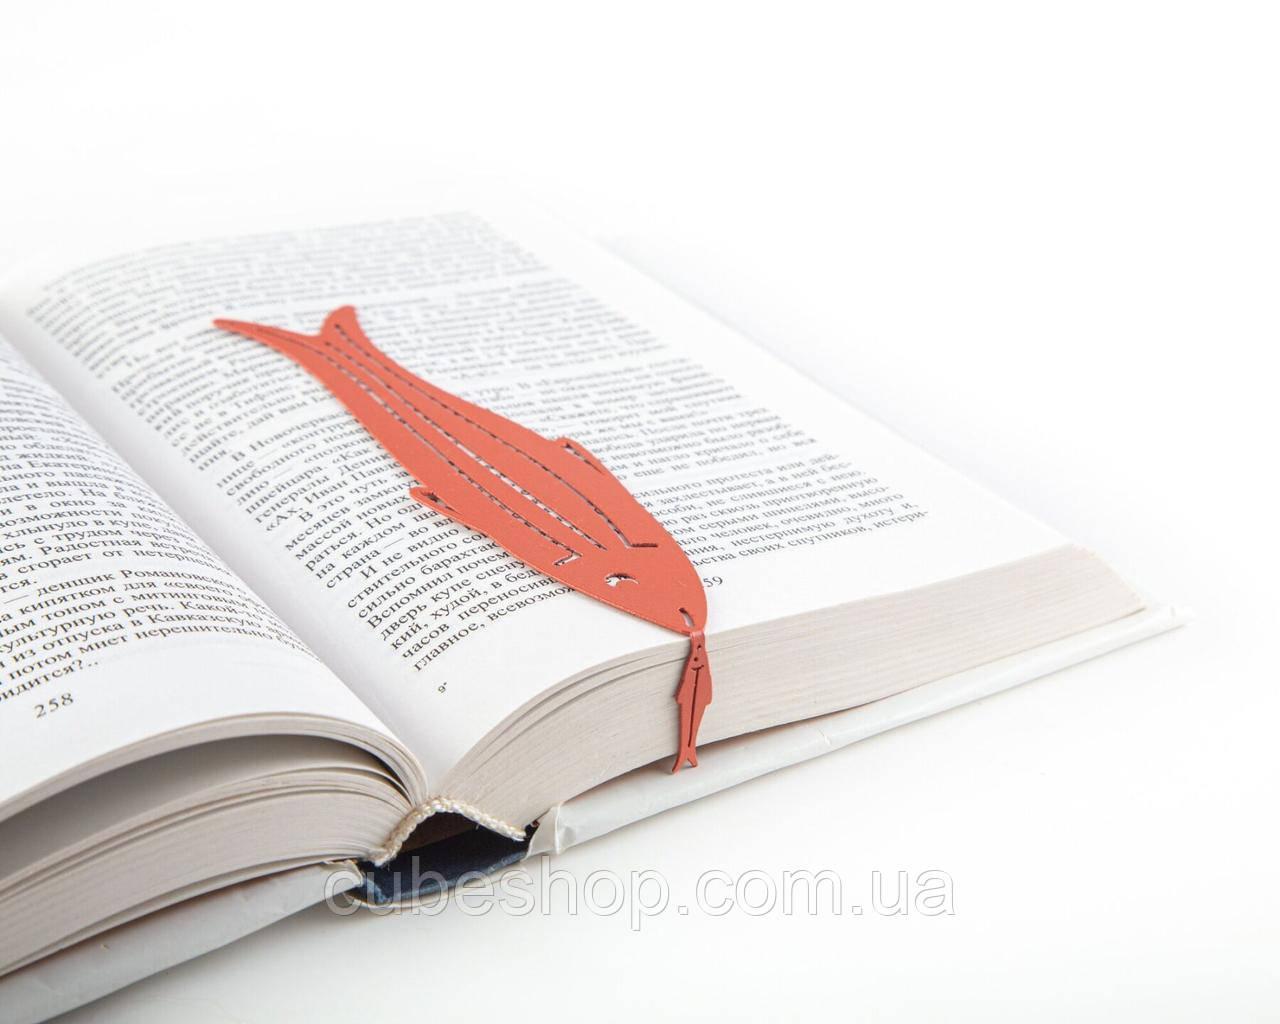 Закладка для книг Селедка